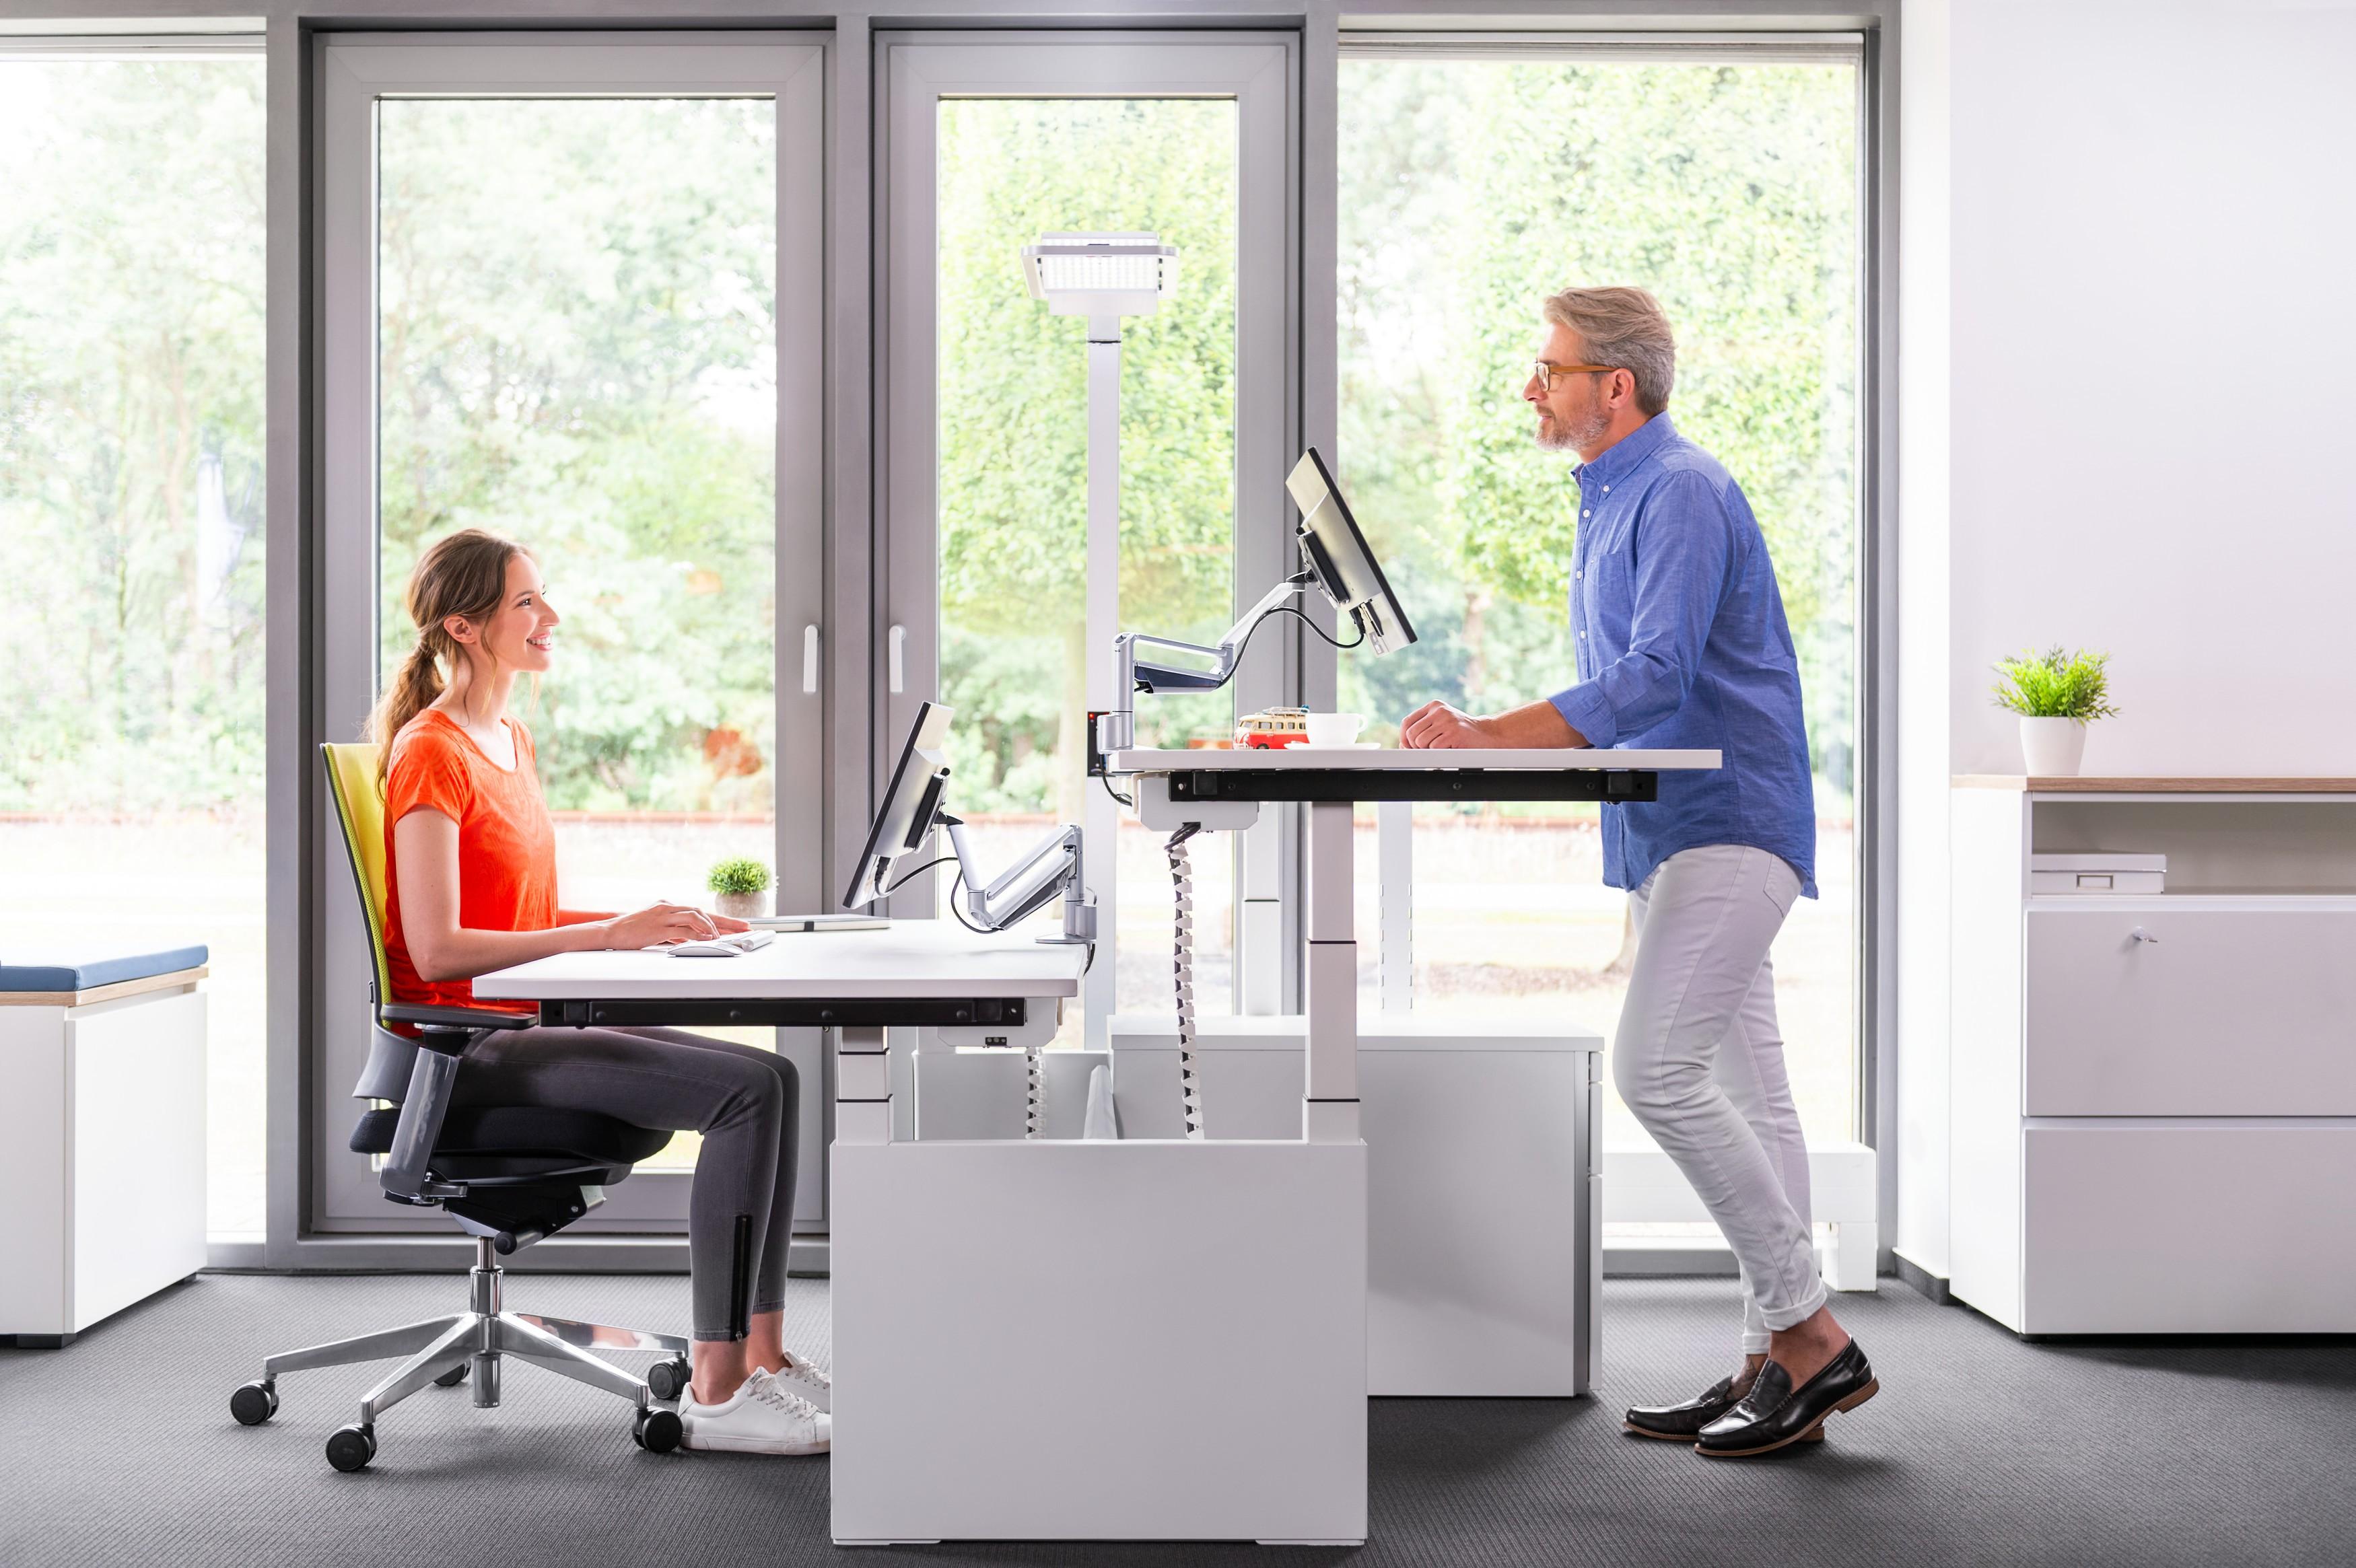 Table Ergonomique Ajustable Inclinable Electrique Linak Dl6